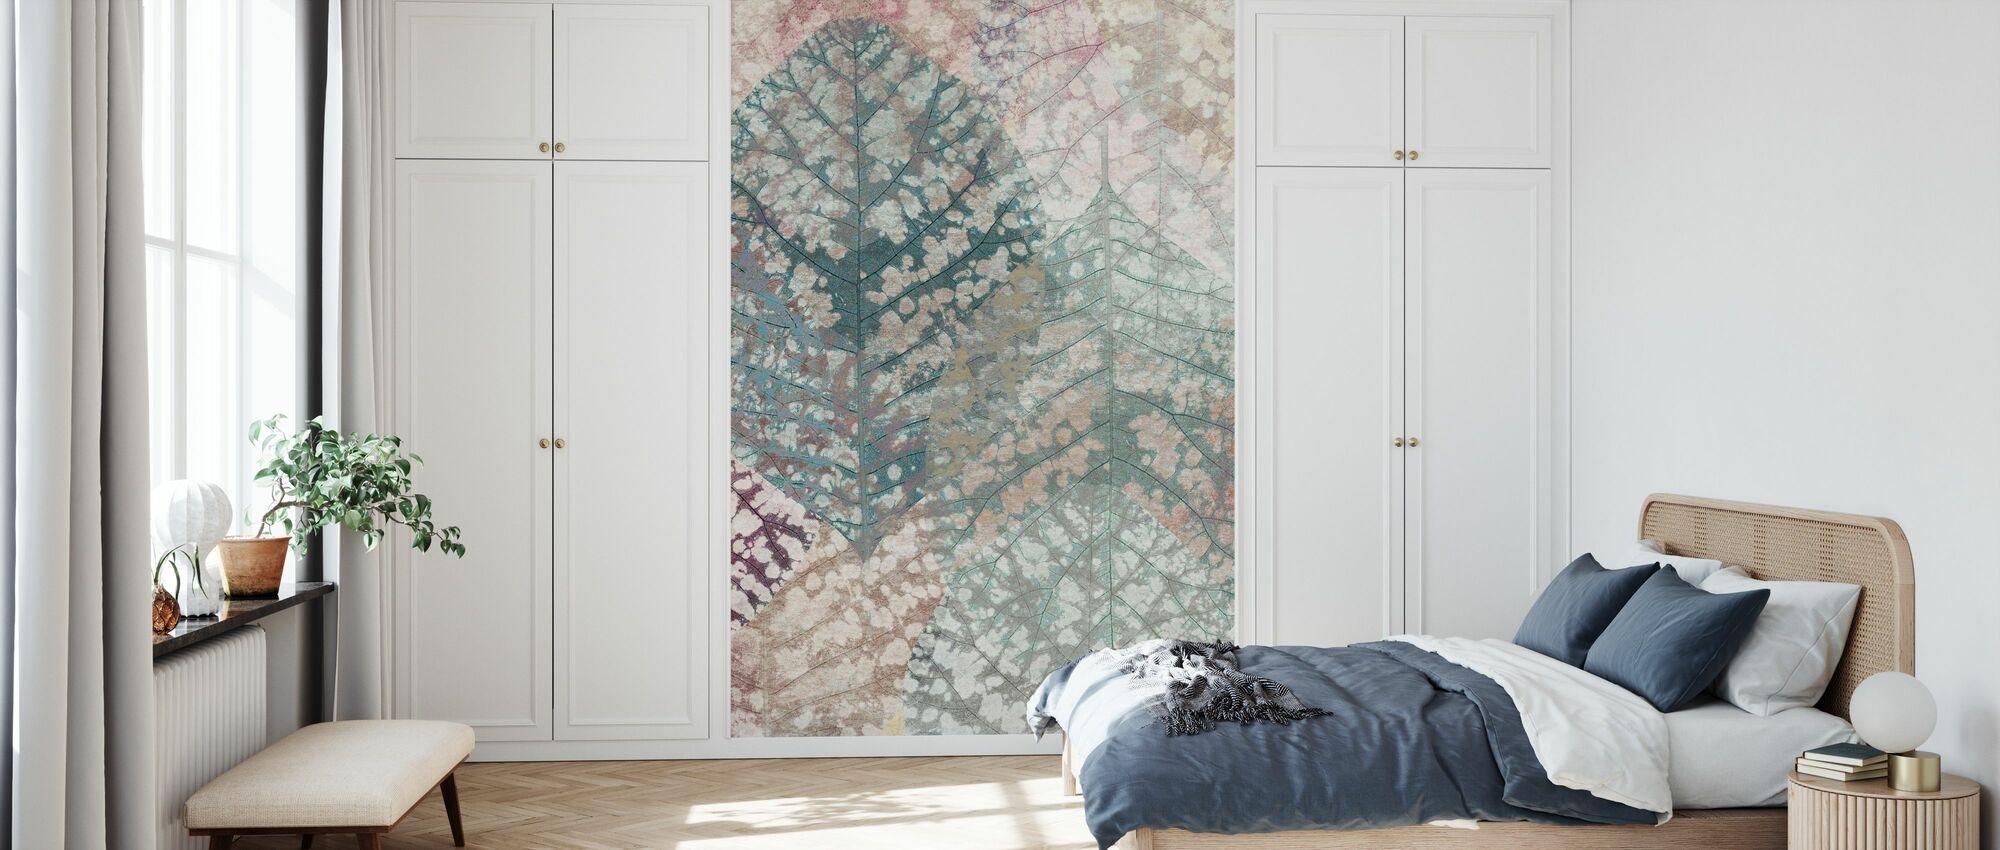 Pastellblatt-Muster - Tapete - Schlafzimmer